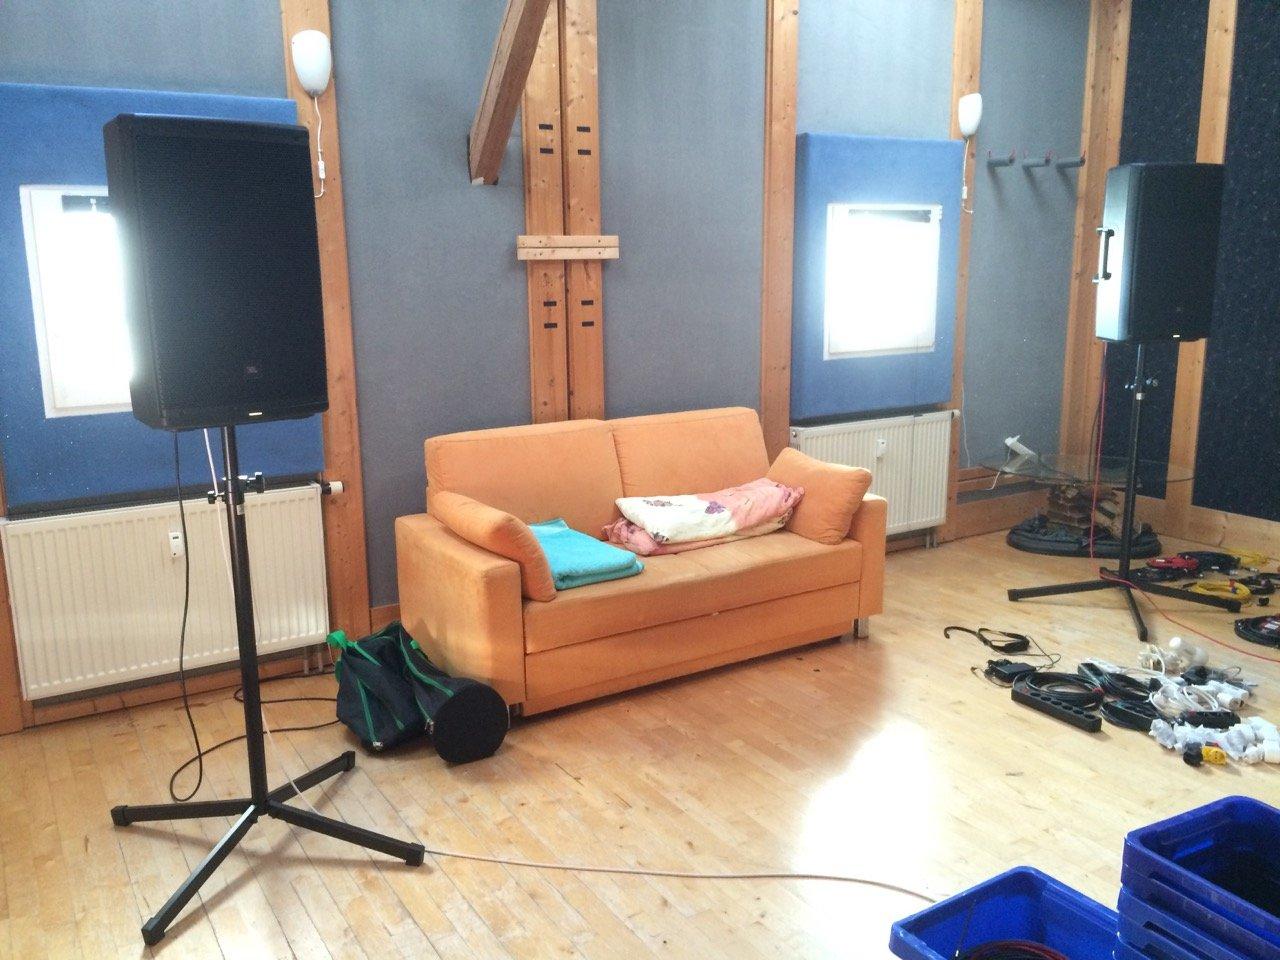 Full Size of Sofa Mit Musikboxen Couch Lautsprecher Poco Und Led Licht Big Bluetooth Eingebauten Lautsprechern Integriertem Rund 3er Grau Boxspring Singleküche E Geräten Wohnzimmer Sofa Mit Musikboxen